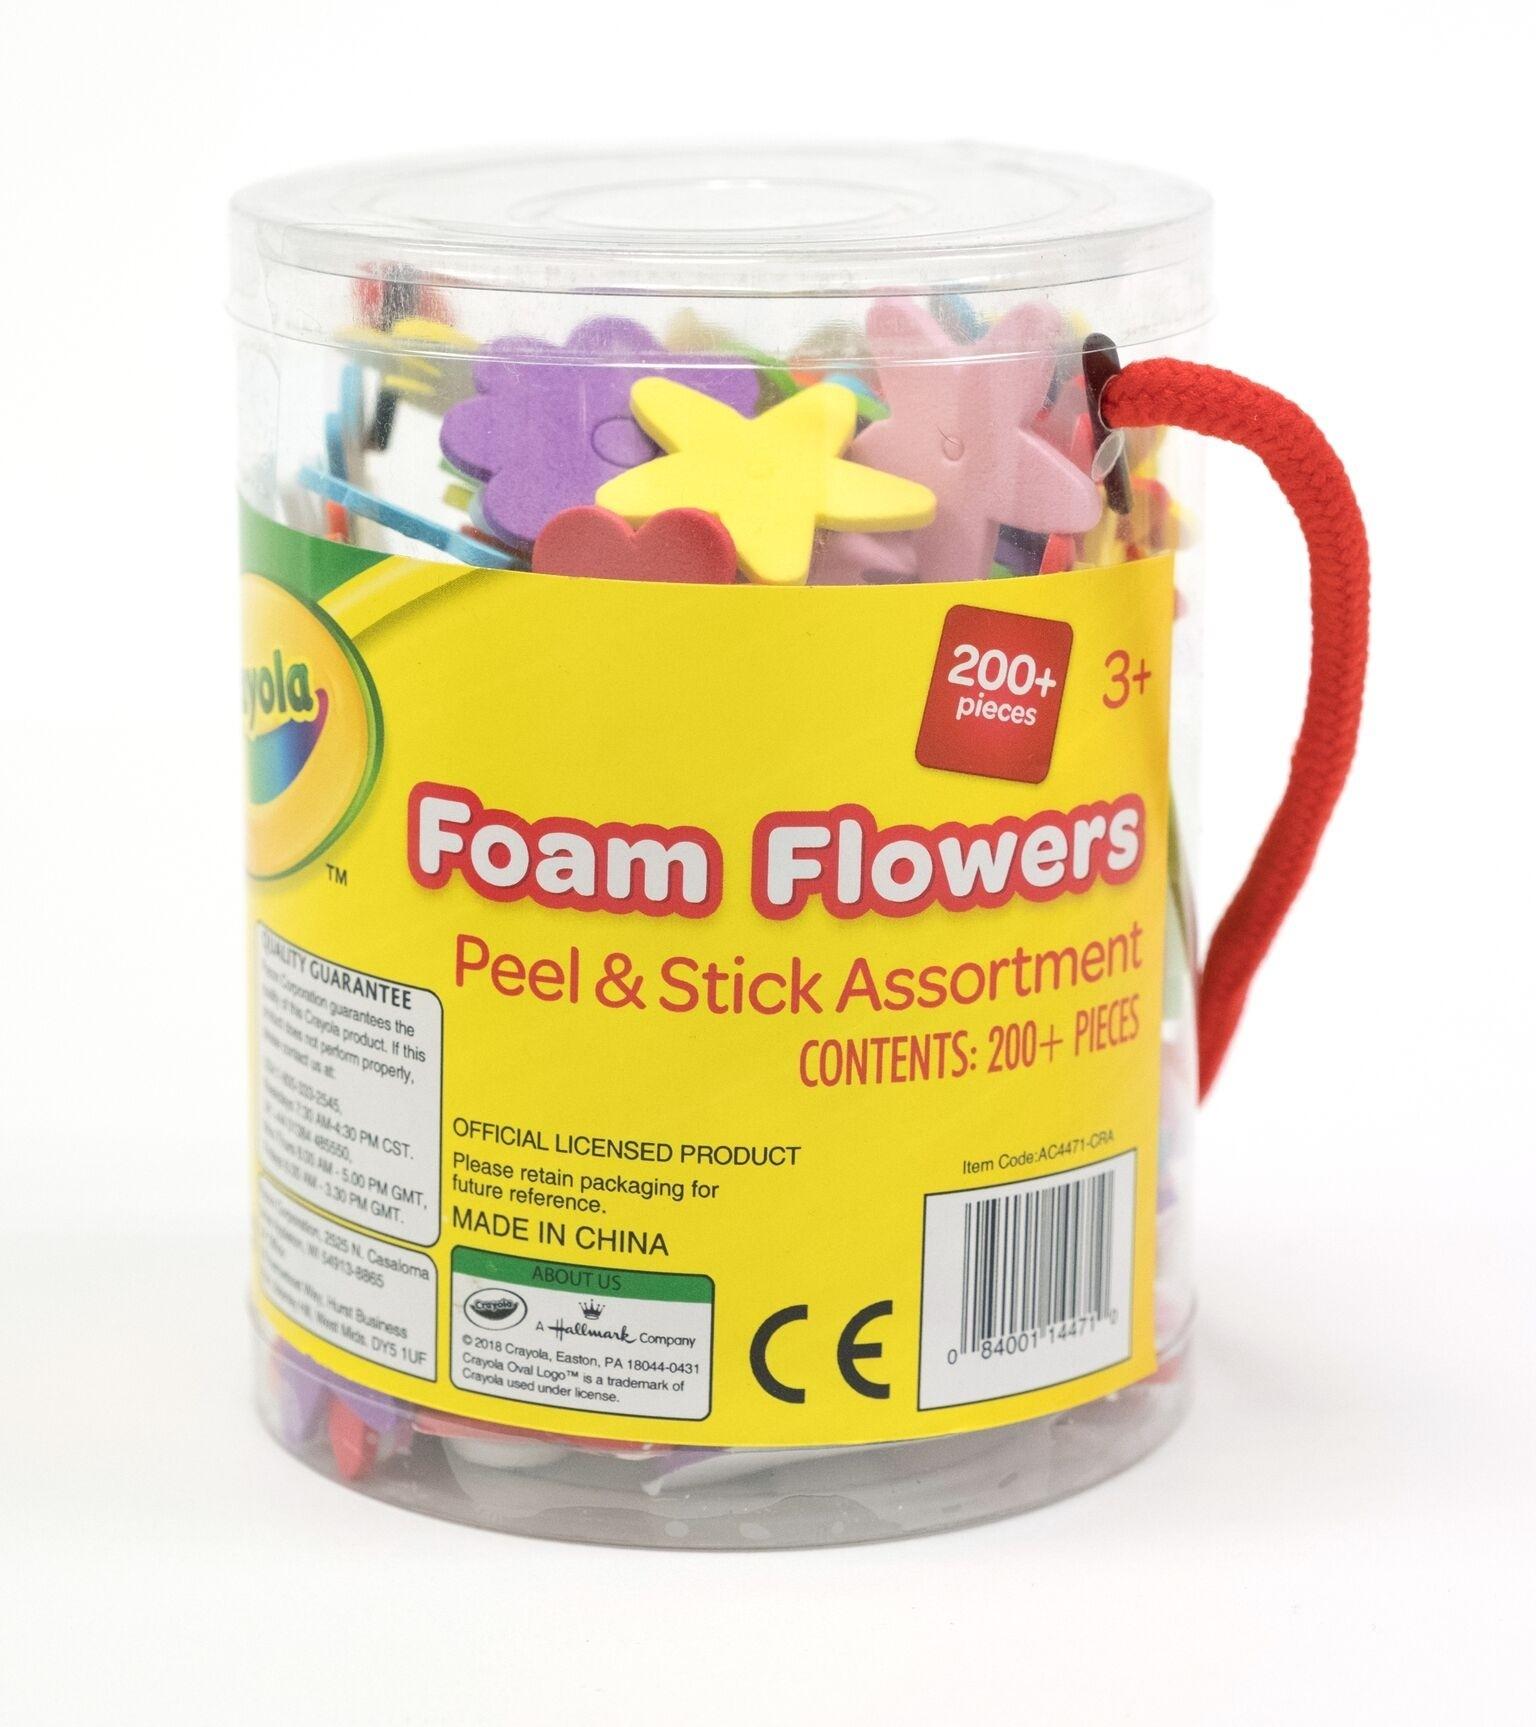 Crayola Craft Foam Flowers Tub The Learning Lab